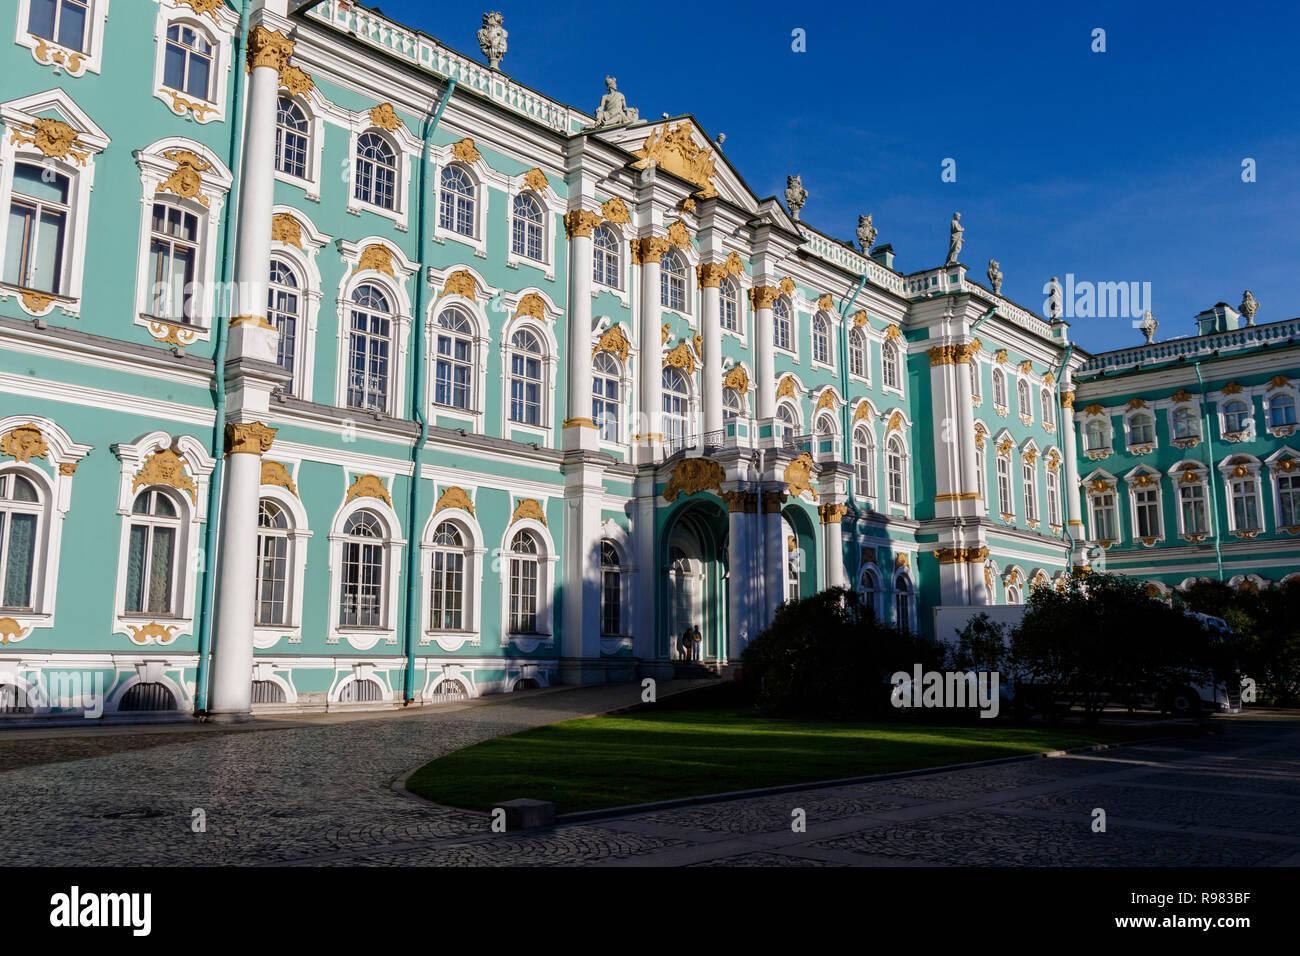 1762 El Palacio de Invierno y del Museo Estatal del Hermitage, plaza del palacio, en San Petersburgo, Rusia. El arquitecto italiano Francesco Bartolomeo Rastrelli. Foto de stock